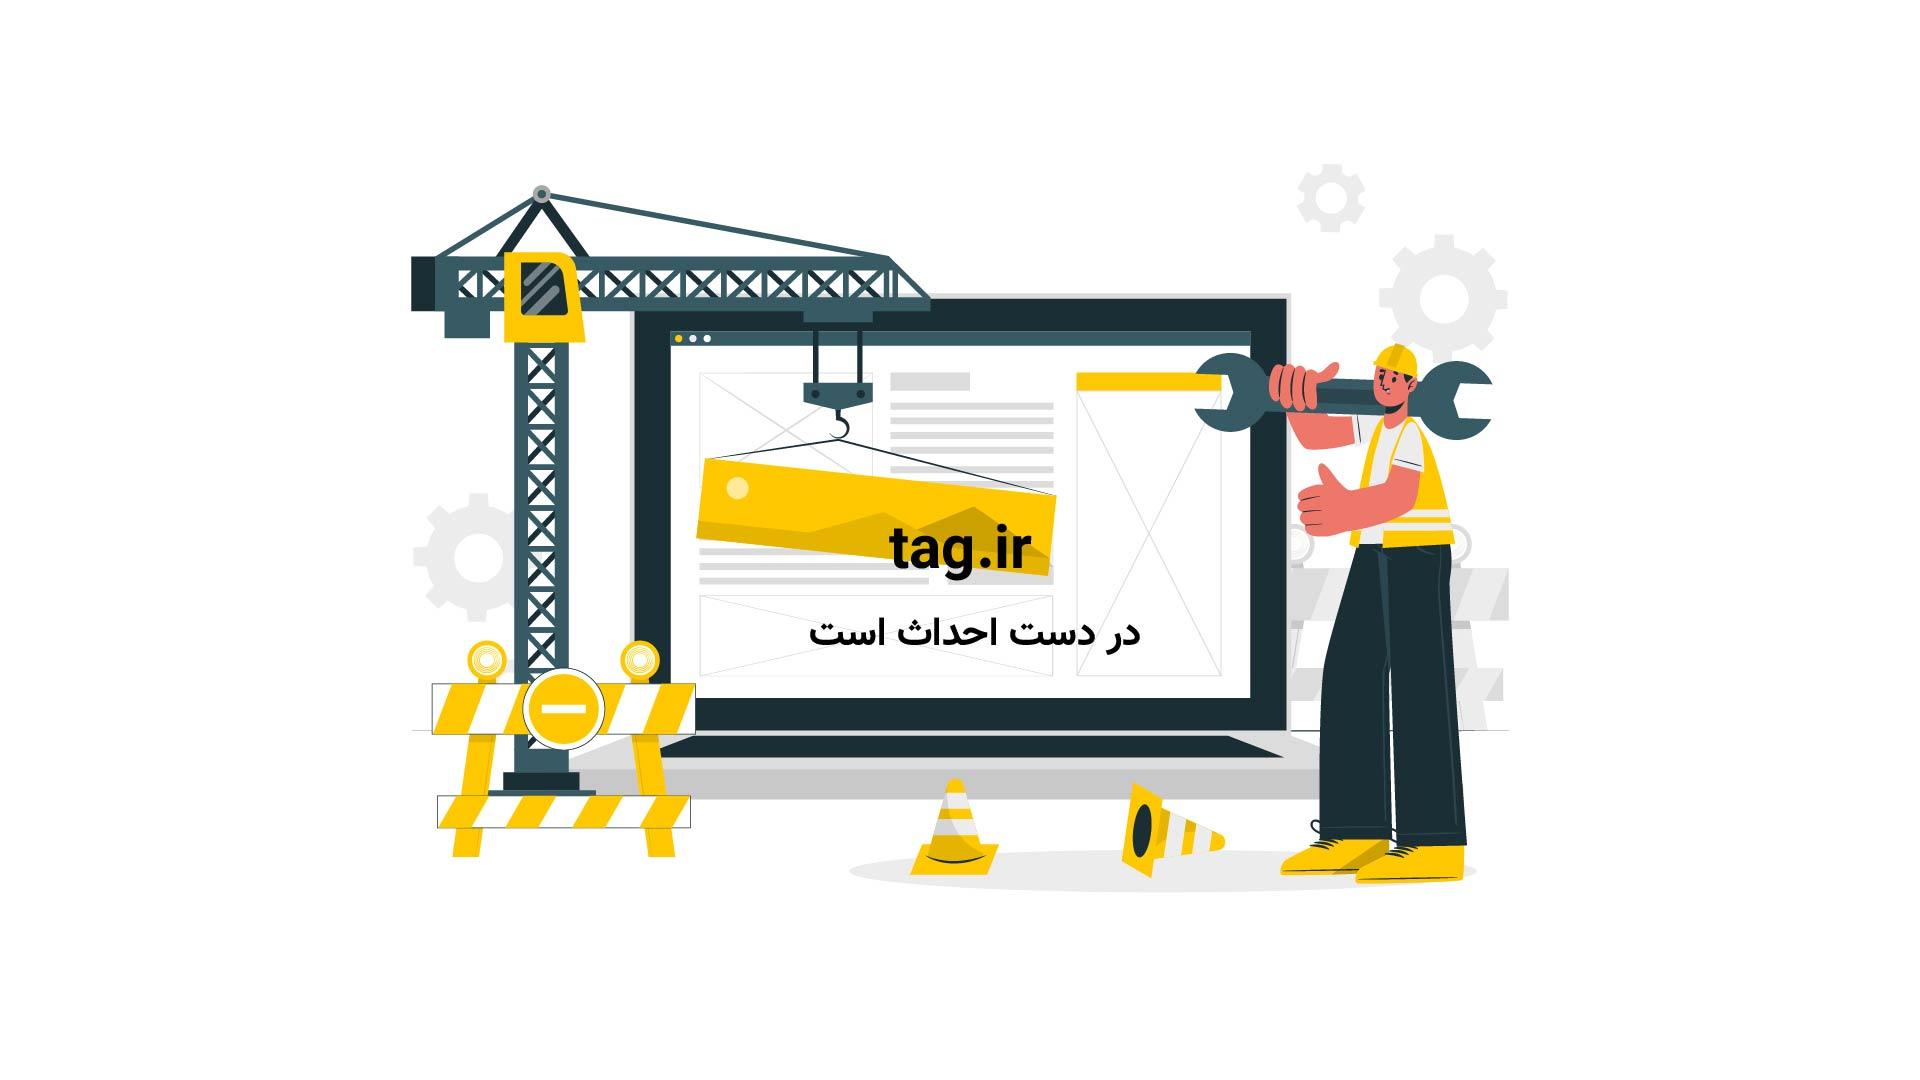 تصادف خودرو با یک تماشاگر مسابقه اتومبیلرانی | فیلم